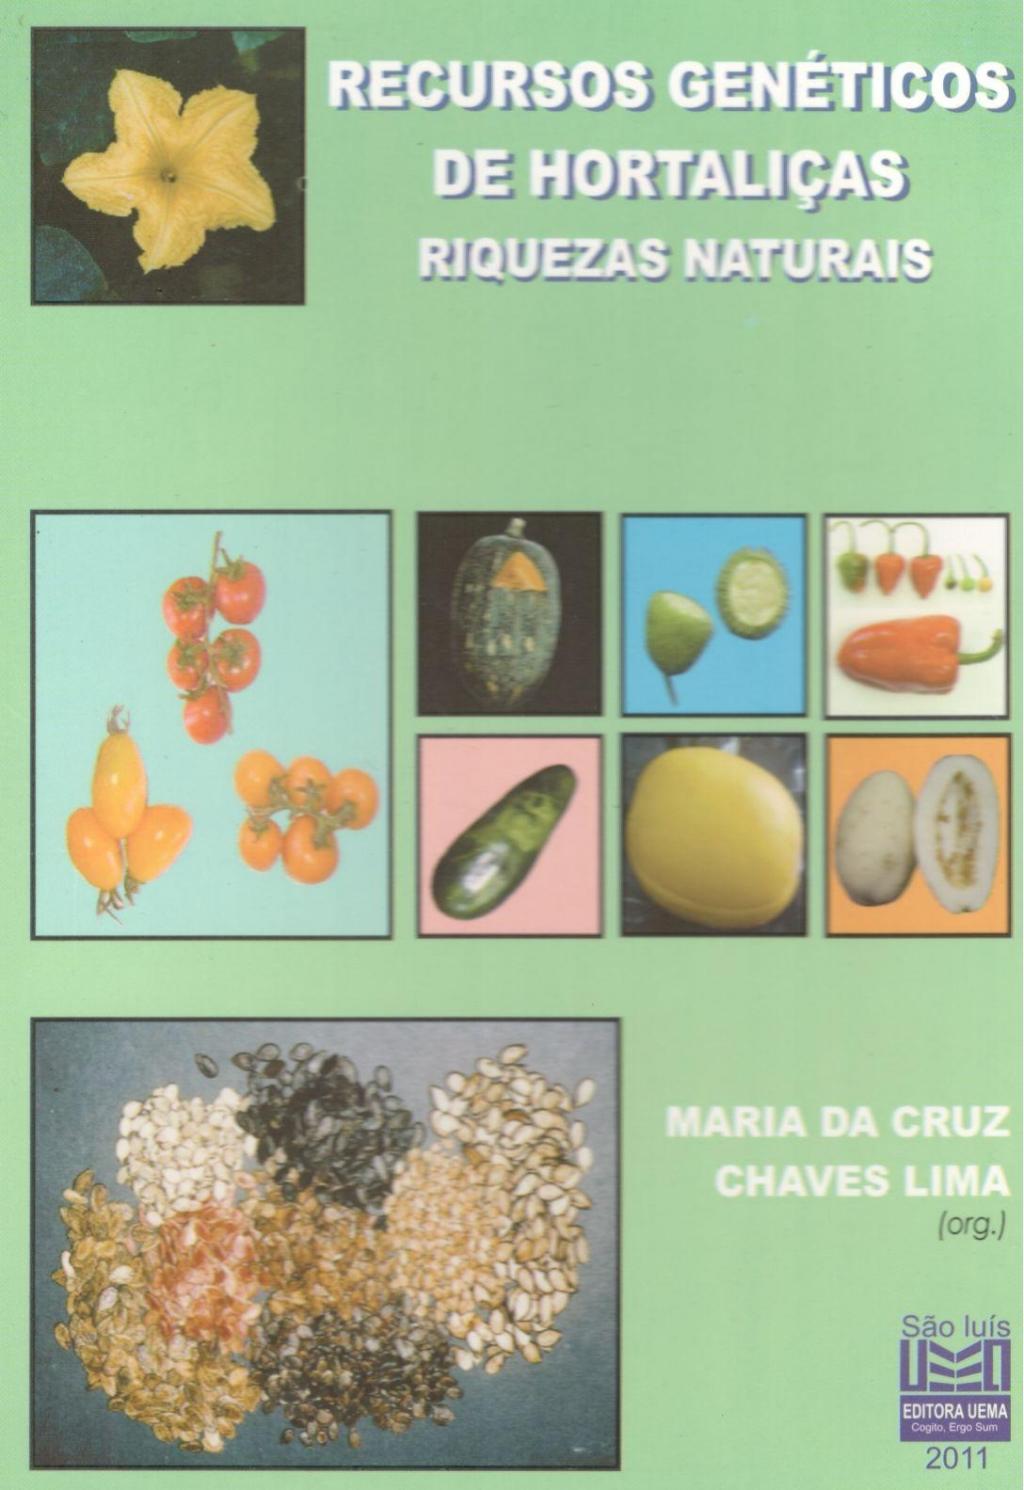 Recursos genéticos de hortaliças (Esgotado)